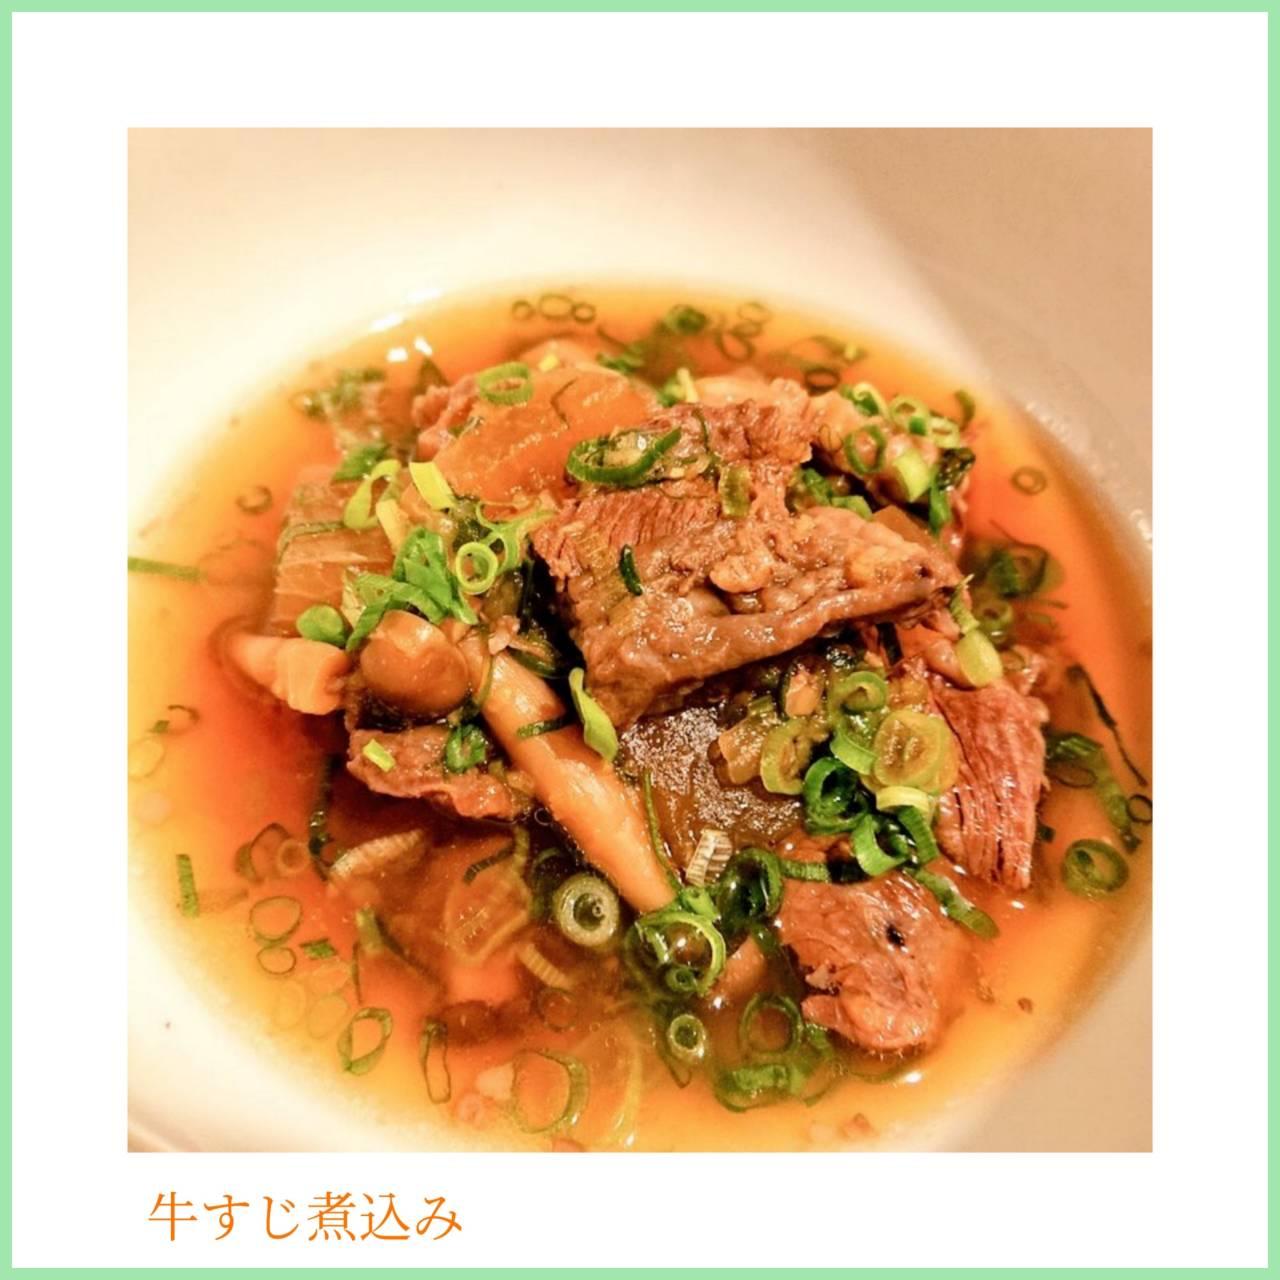 03_r_menu_item